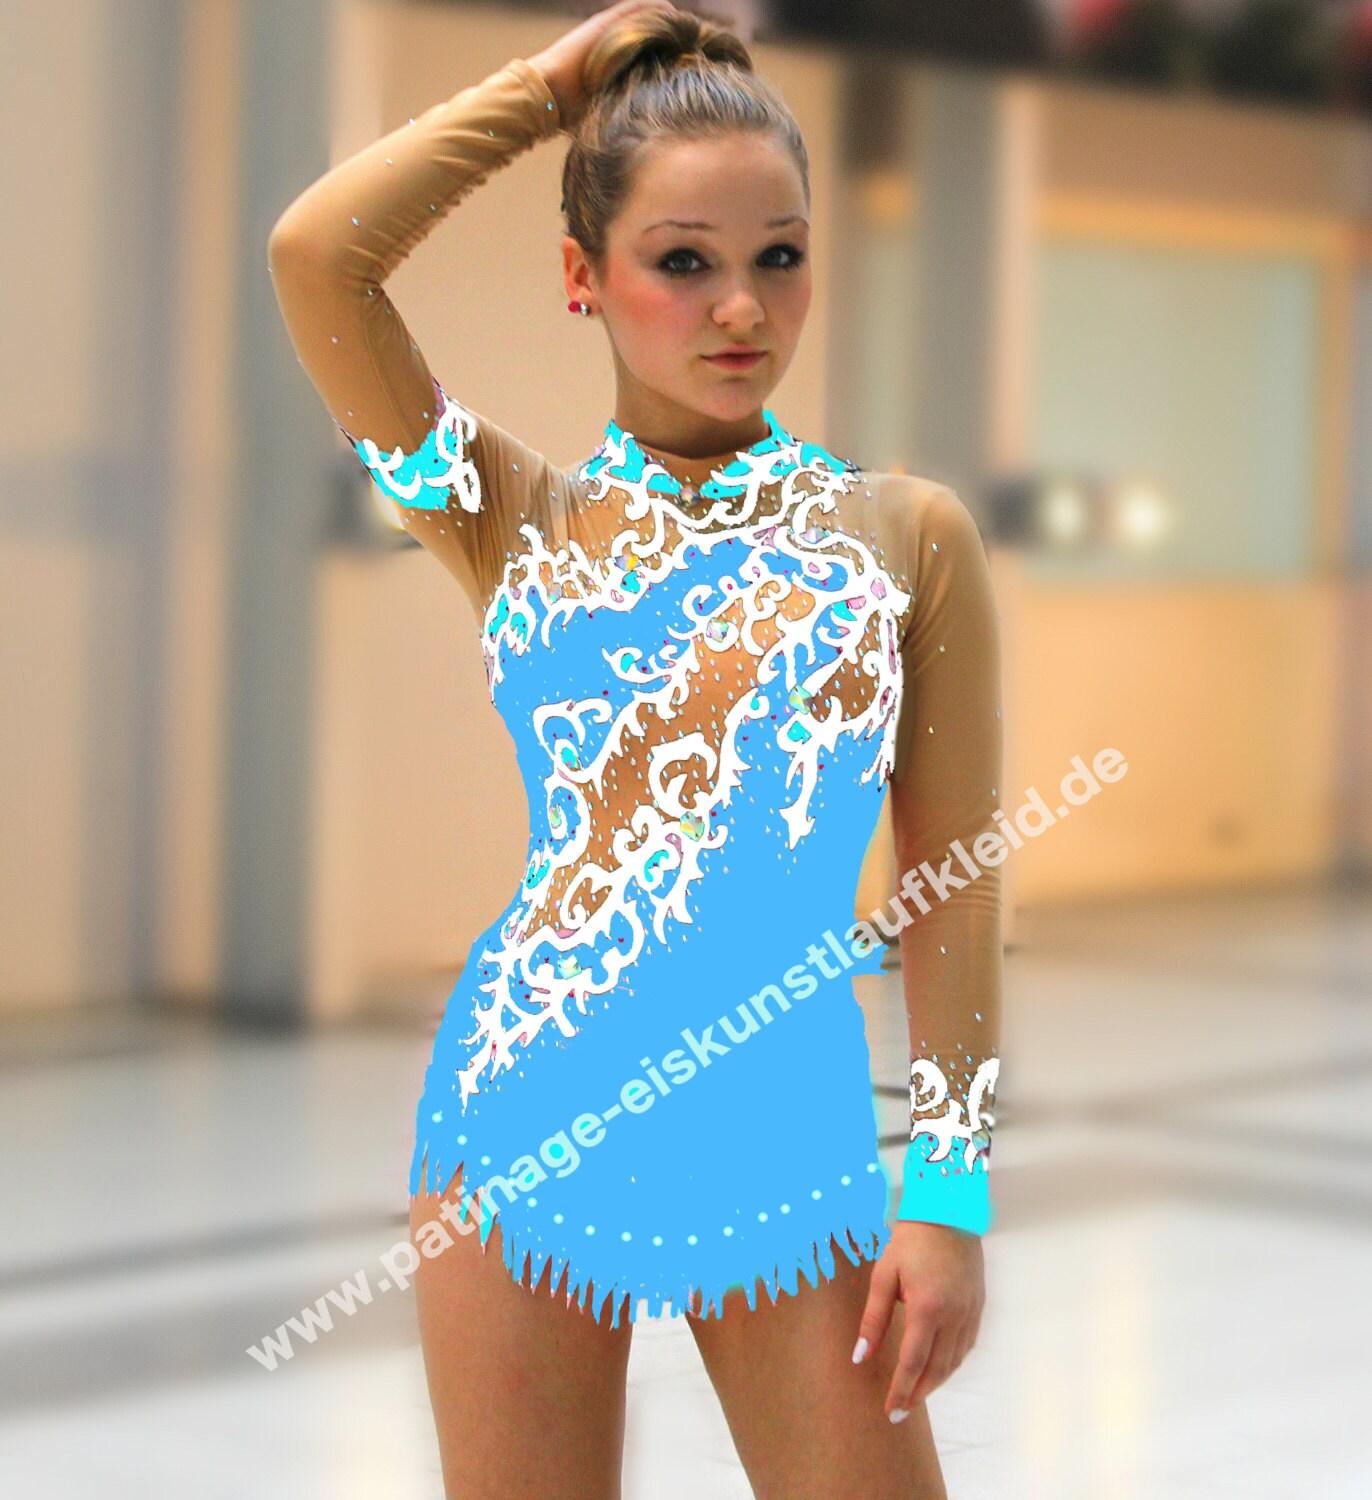 RSG-Anzug Anzug für rhythmische Sportgymnastik Rhythmische   Etsy